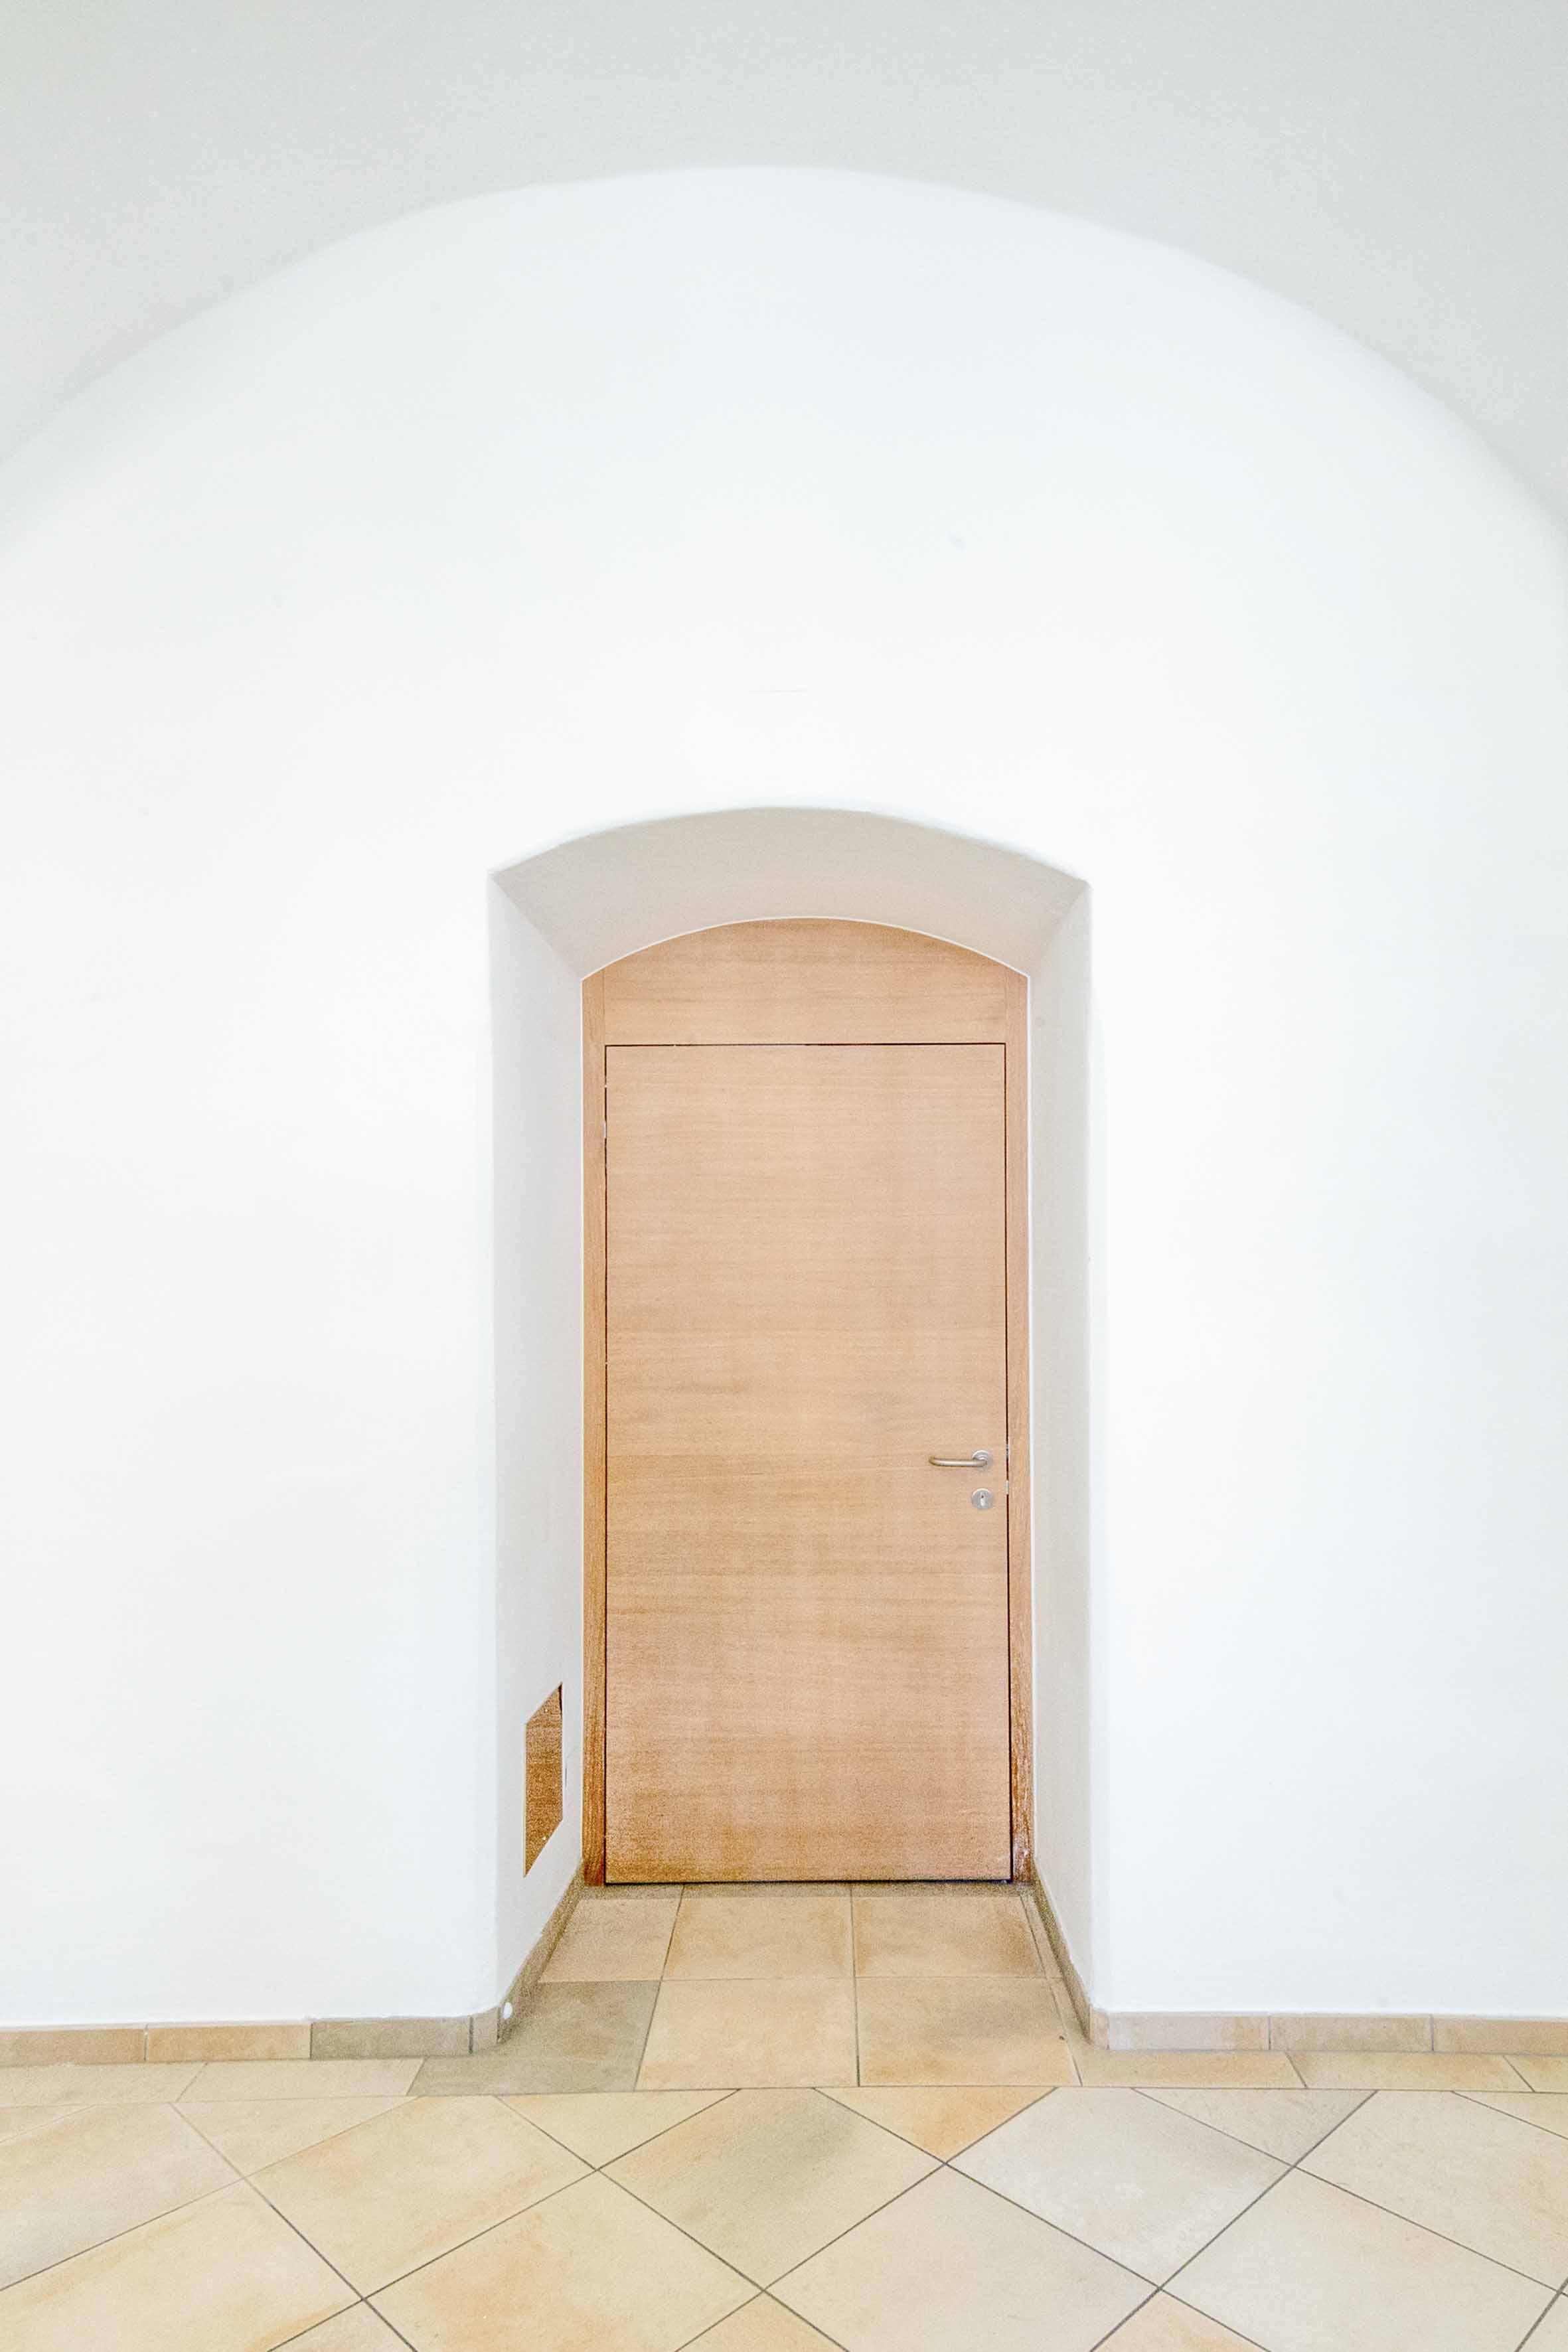 Sondertüren aus Holz